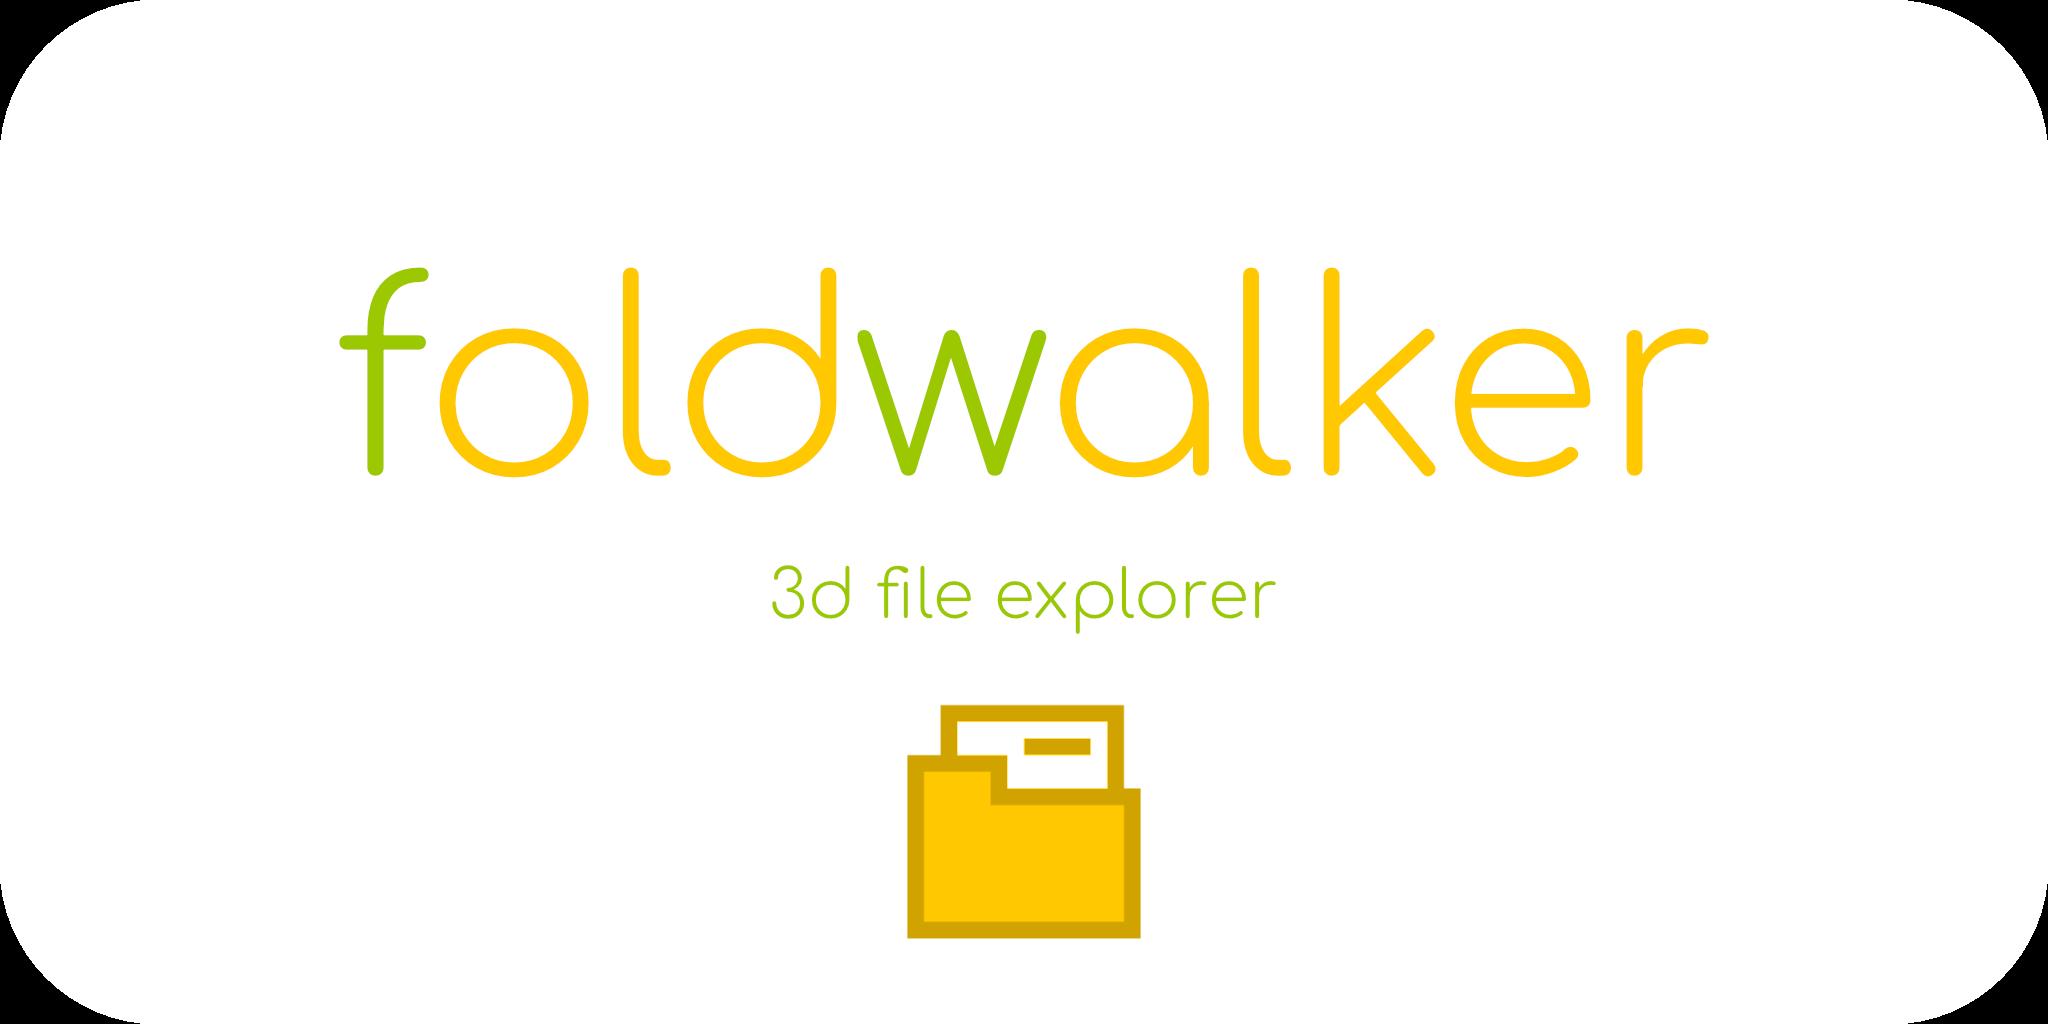 FoldWalker